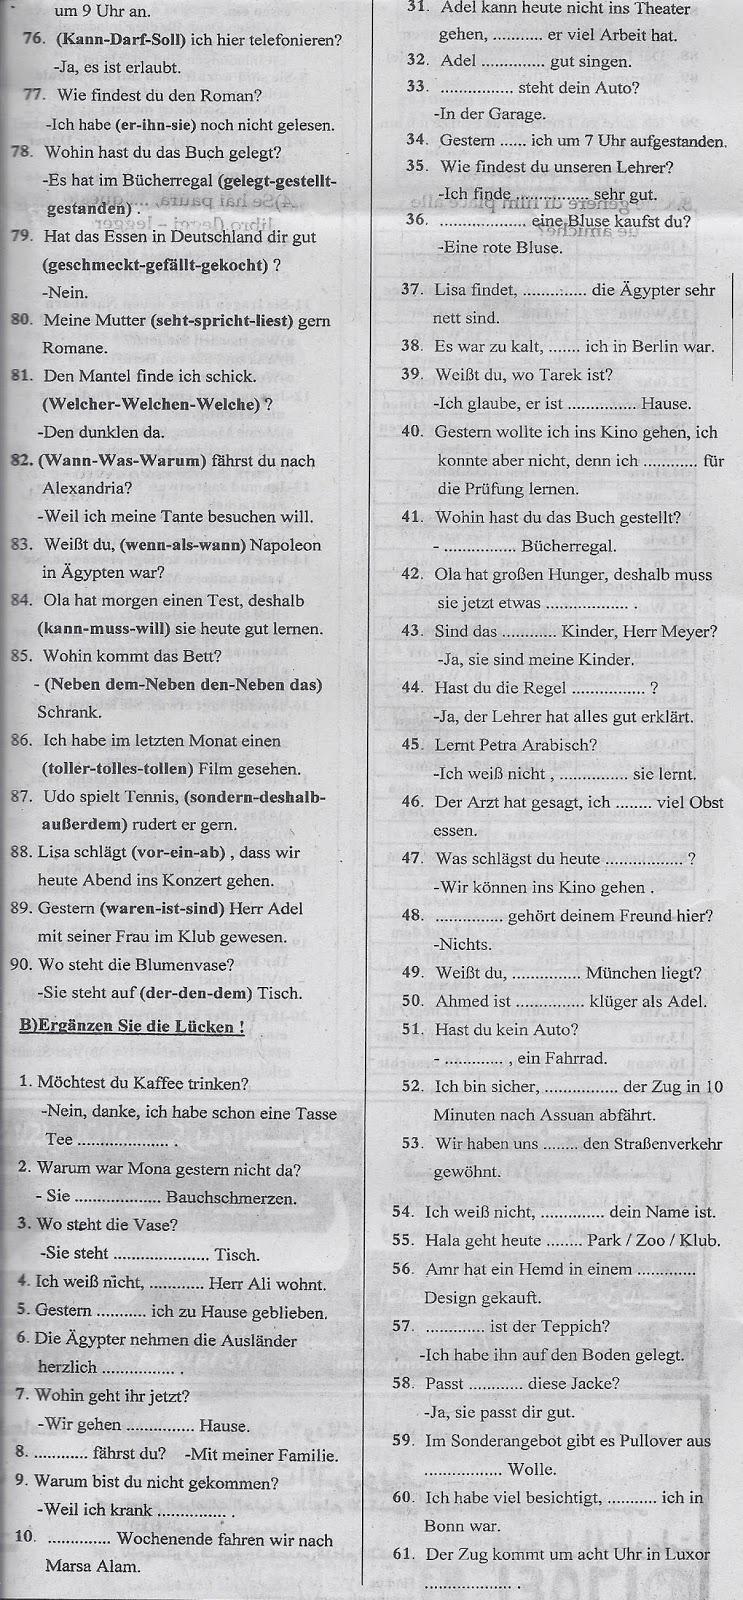 مراجعة ليلة الامتحان اللغة الالمانية الثانوية العامة 2014 نظام حديث ملحق الجمهورية